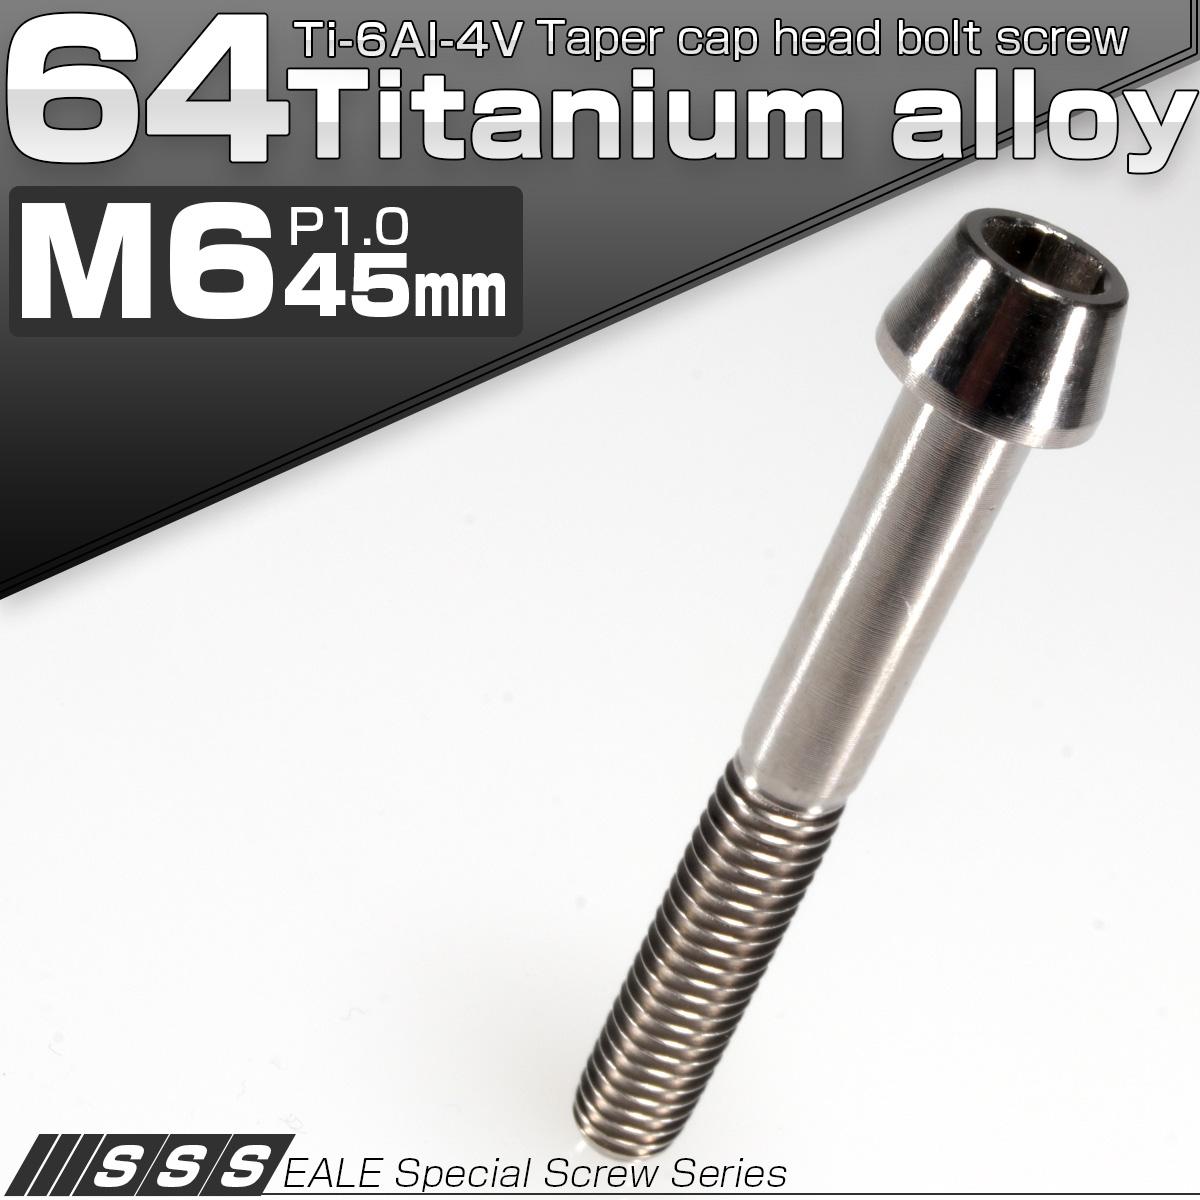 64チタン M6×45mm P1.0 テーパー キャップボルト シルバー素地色 六角穴付きボルト Ti6Al-4V チタンボルト JA109